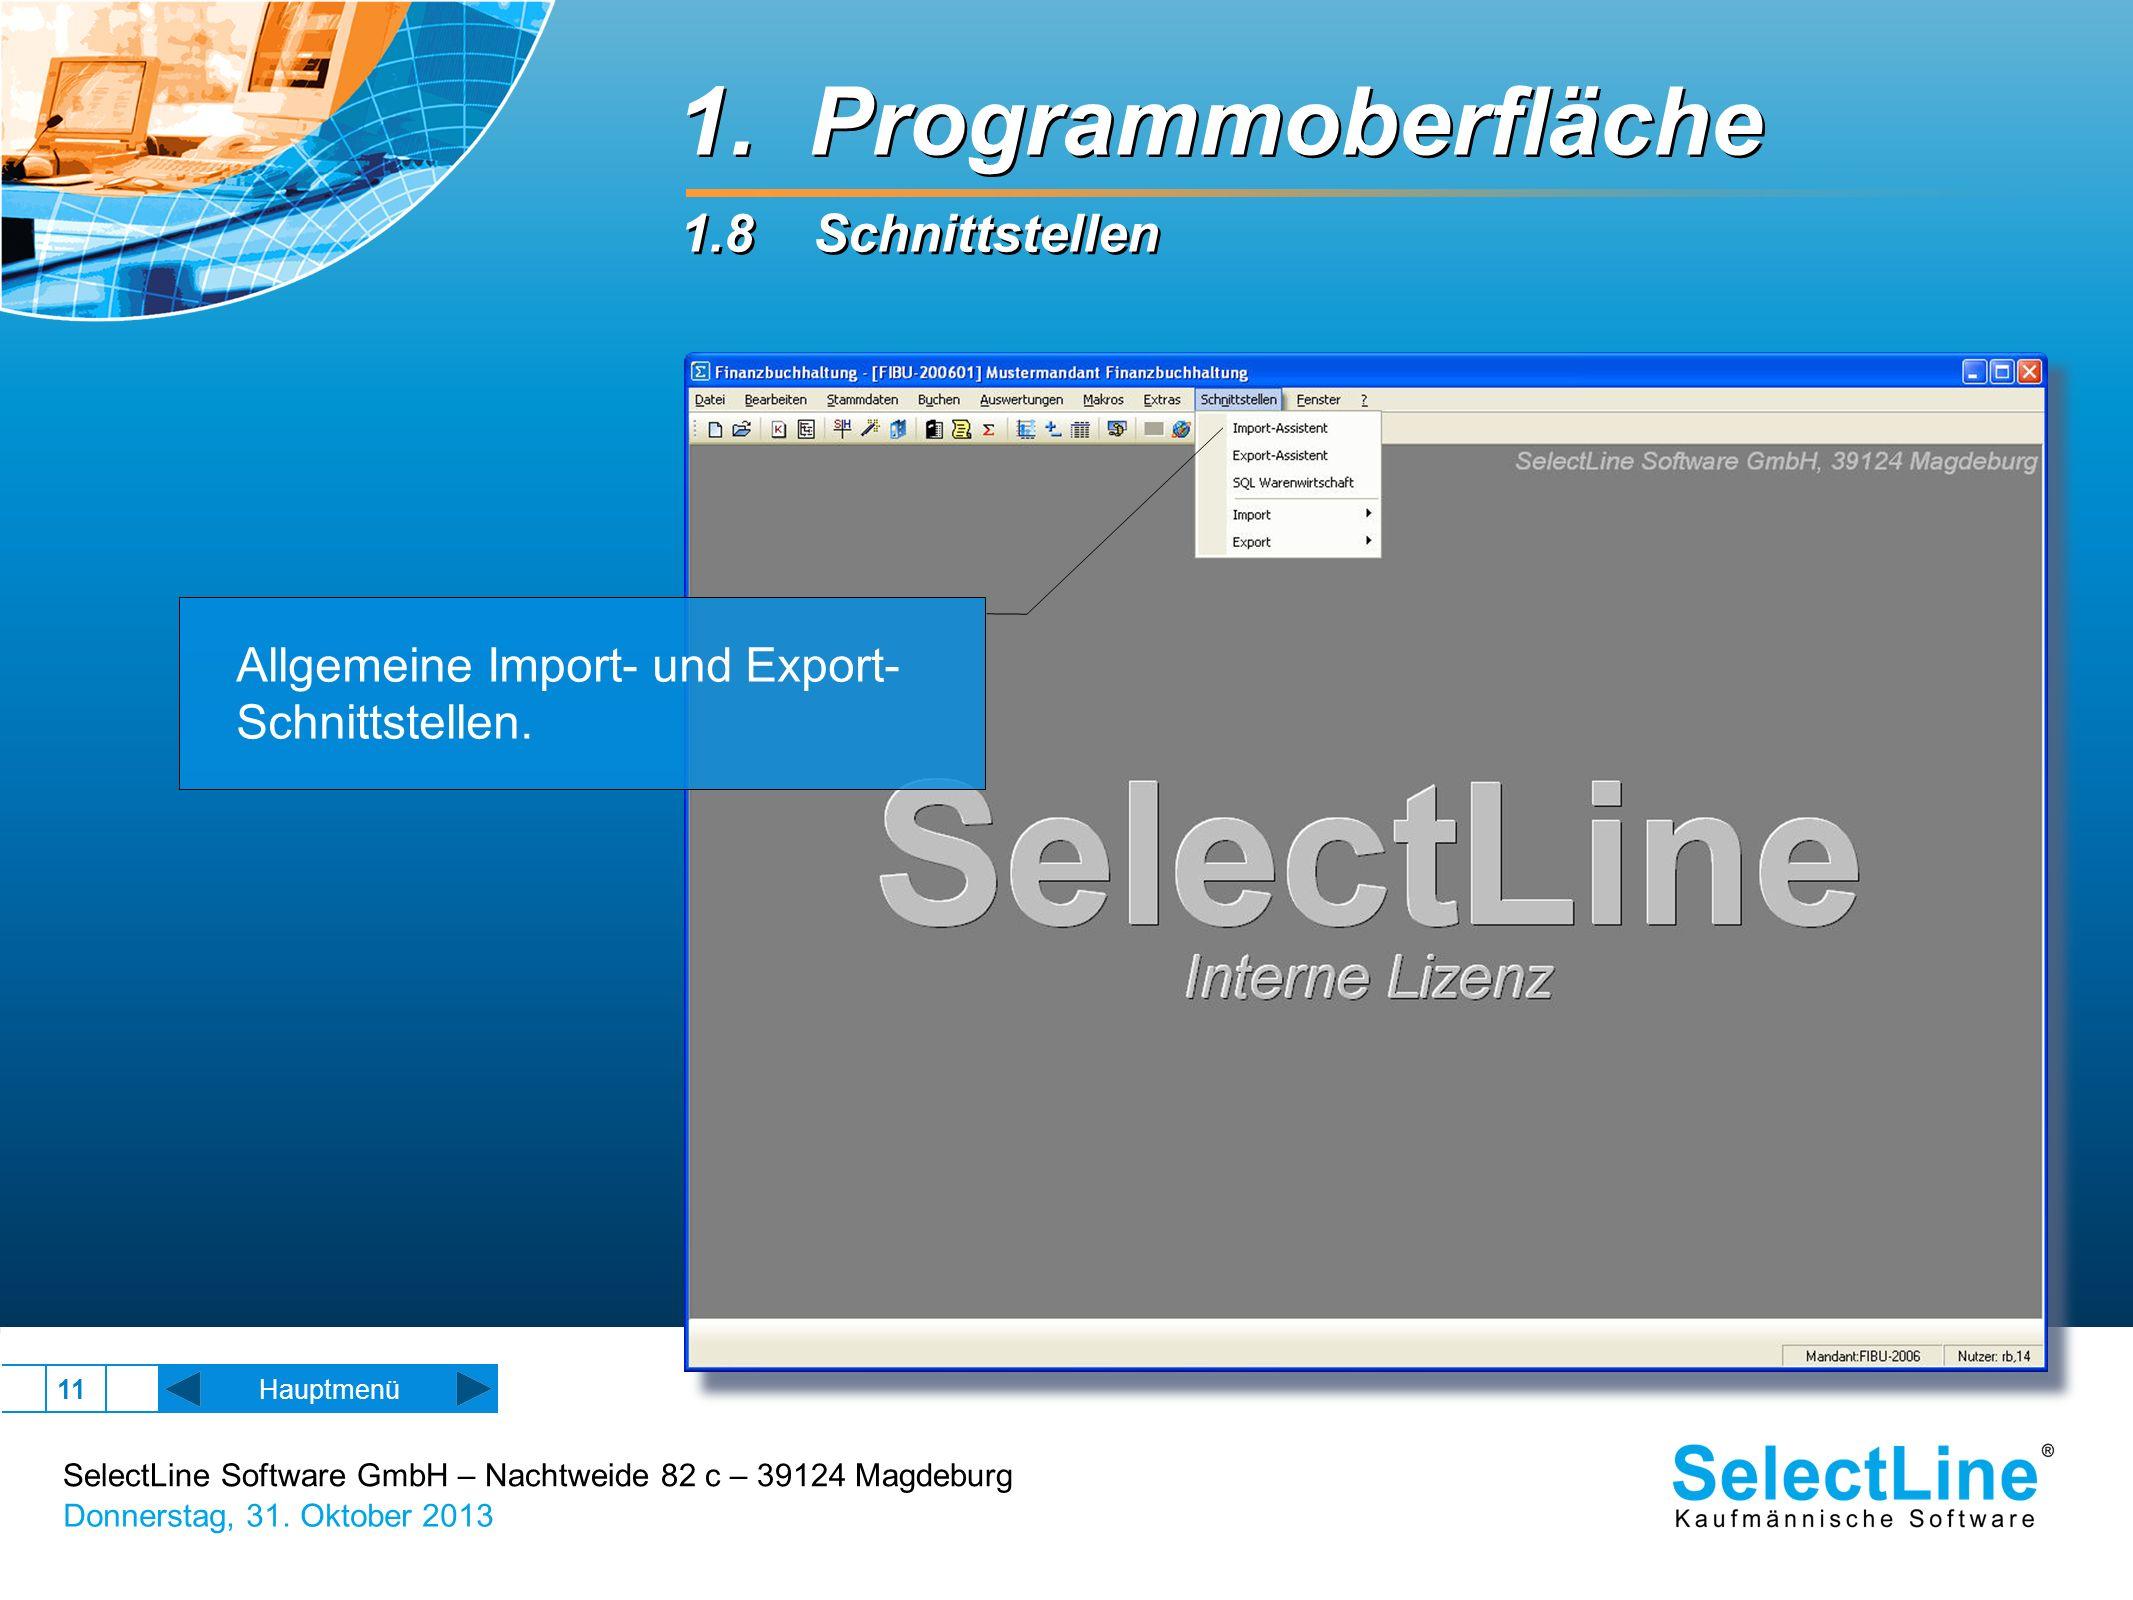 SelectLine Software GmbH – Nachtweide 82 c – 39124 Magdeburg Donnerstag, 31. Oktober 2013 11 Hauptmenü Allgemeine Import- und Export- Schnittstellen.